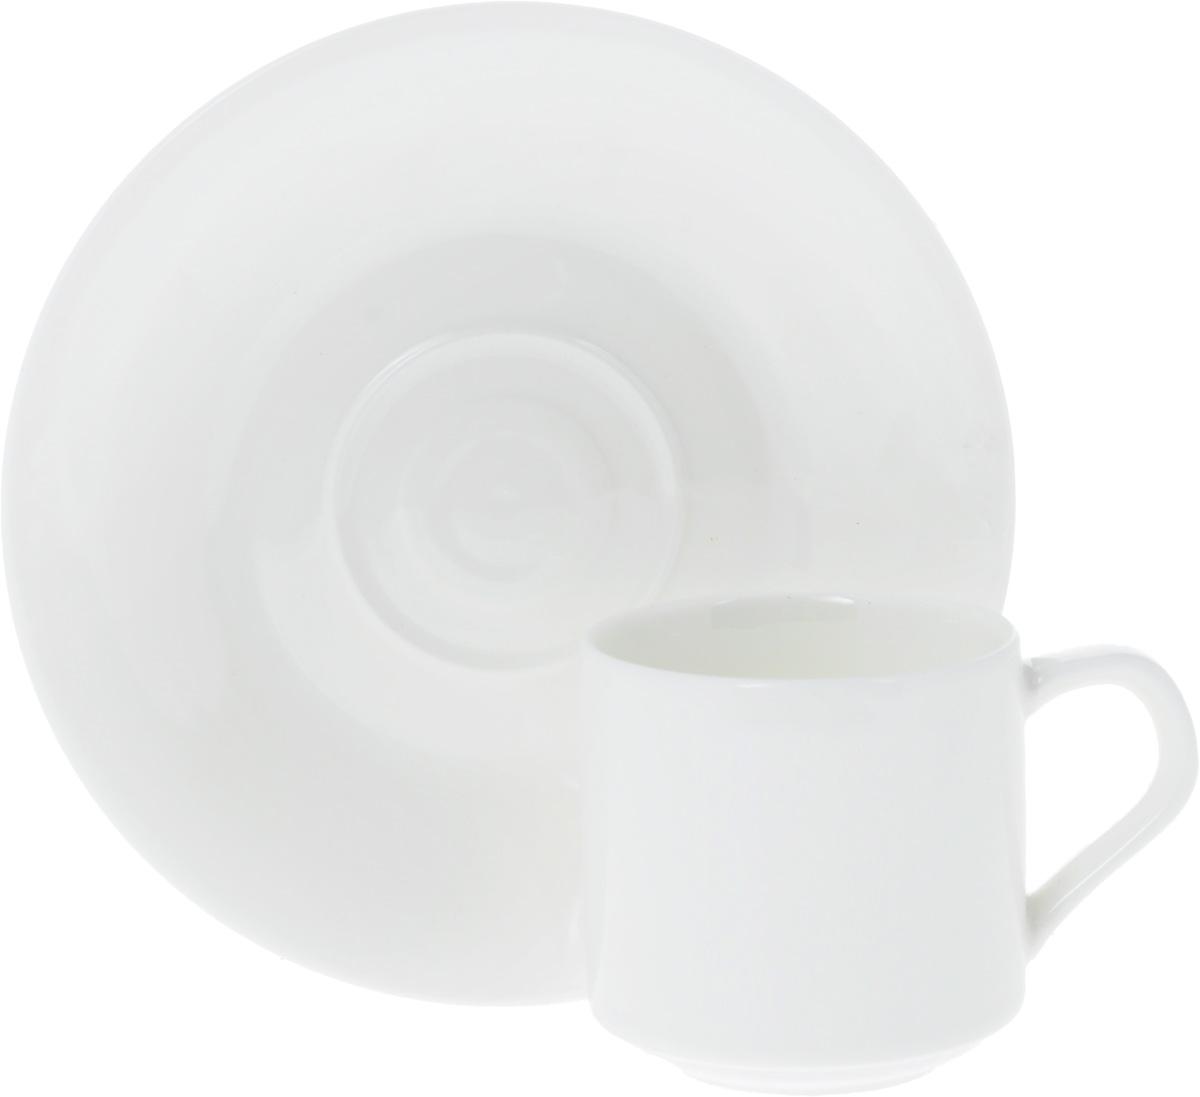 Кофейная пара Wilmax, 2 предмета. WL-993007 / AB54 009312Кофейная пара Wilmax состоит из чашки и блюдца. Изделия выполнены из высококачественного фарфора, покрытого слоем глазури. Изделия имеют лаконичный дизайн, просты и функциональны в использовании. Кофейная пара Wilmax украсит ваш кухонный стол, а также станет замечательным подарком к любому празднику.Изделия можно мыть в посудомоечной машине и ставить в микроволновую печь.Объем чашки: 90 мл.Диаметр чашки (по верхнему краю): 5,5 см.Высота чашки: 5,5 см.Диаметр блюдца: 13,5 см.